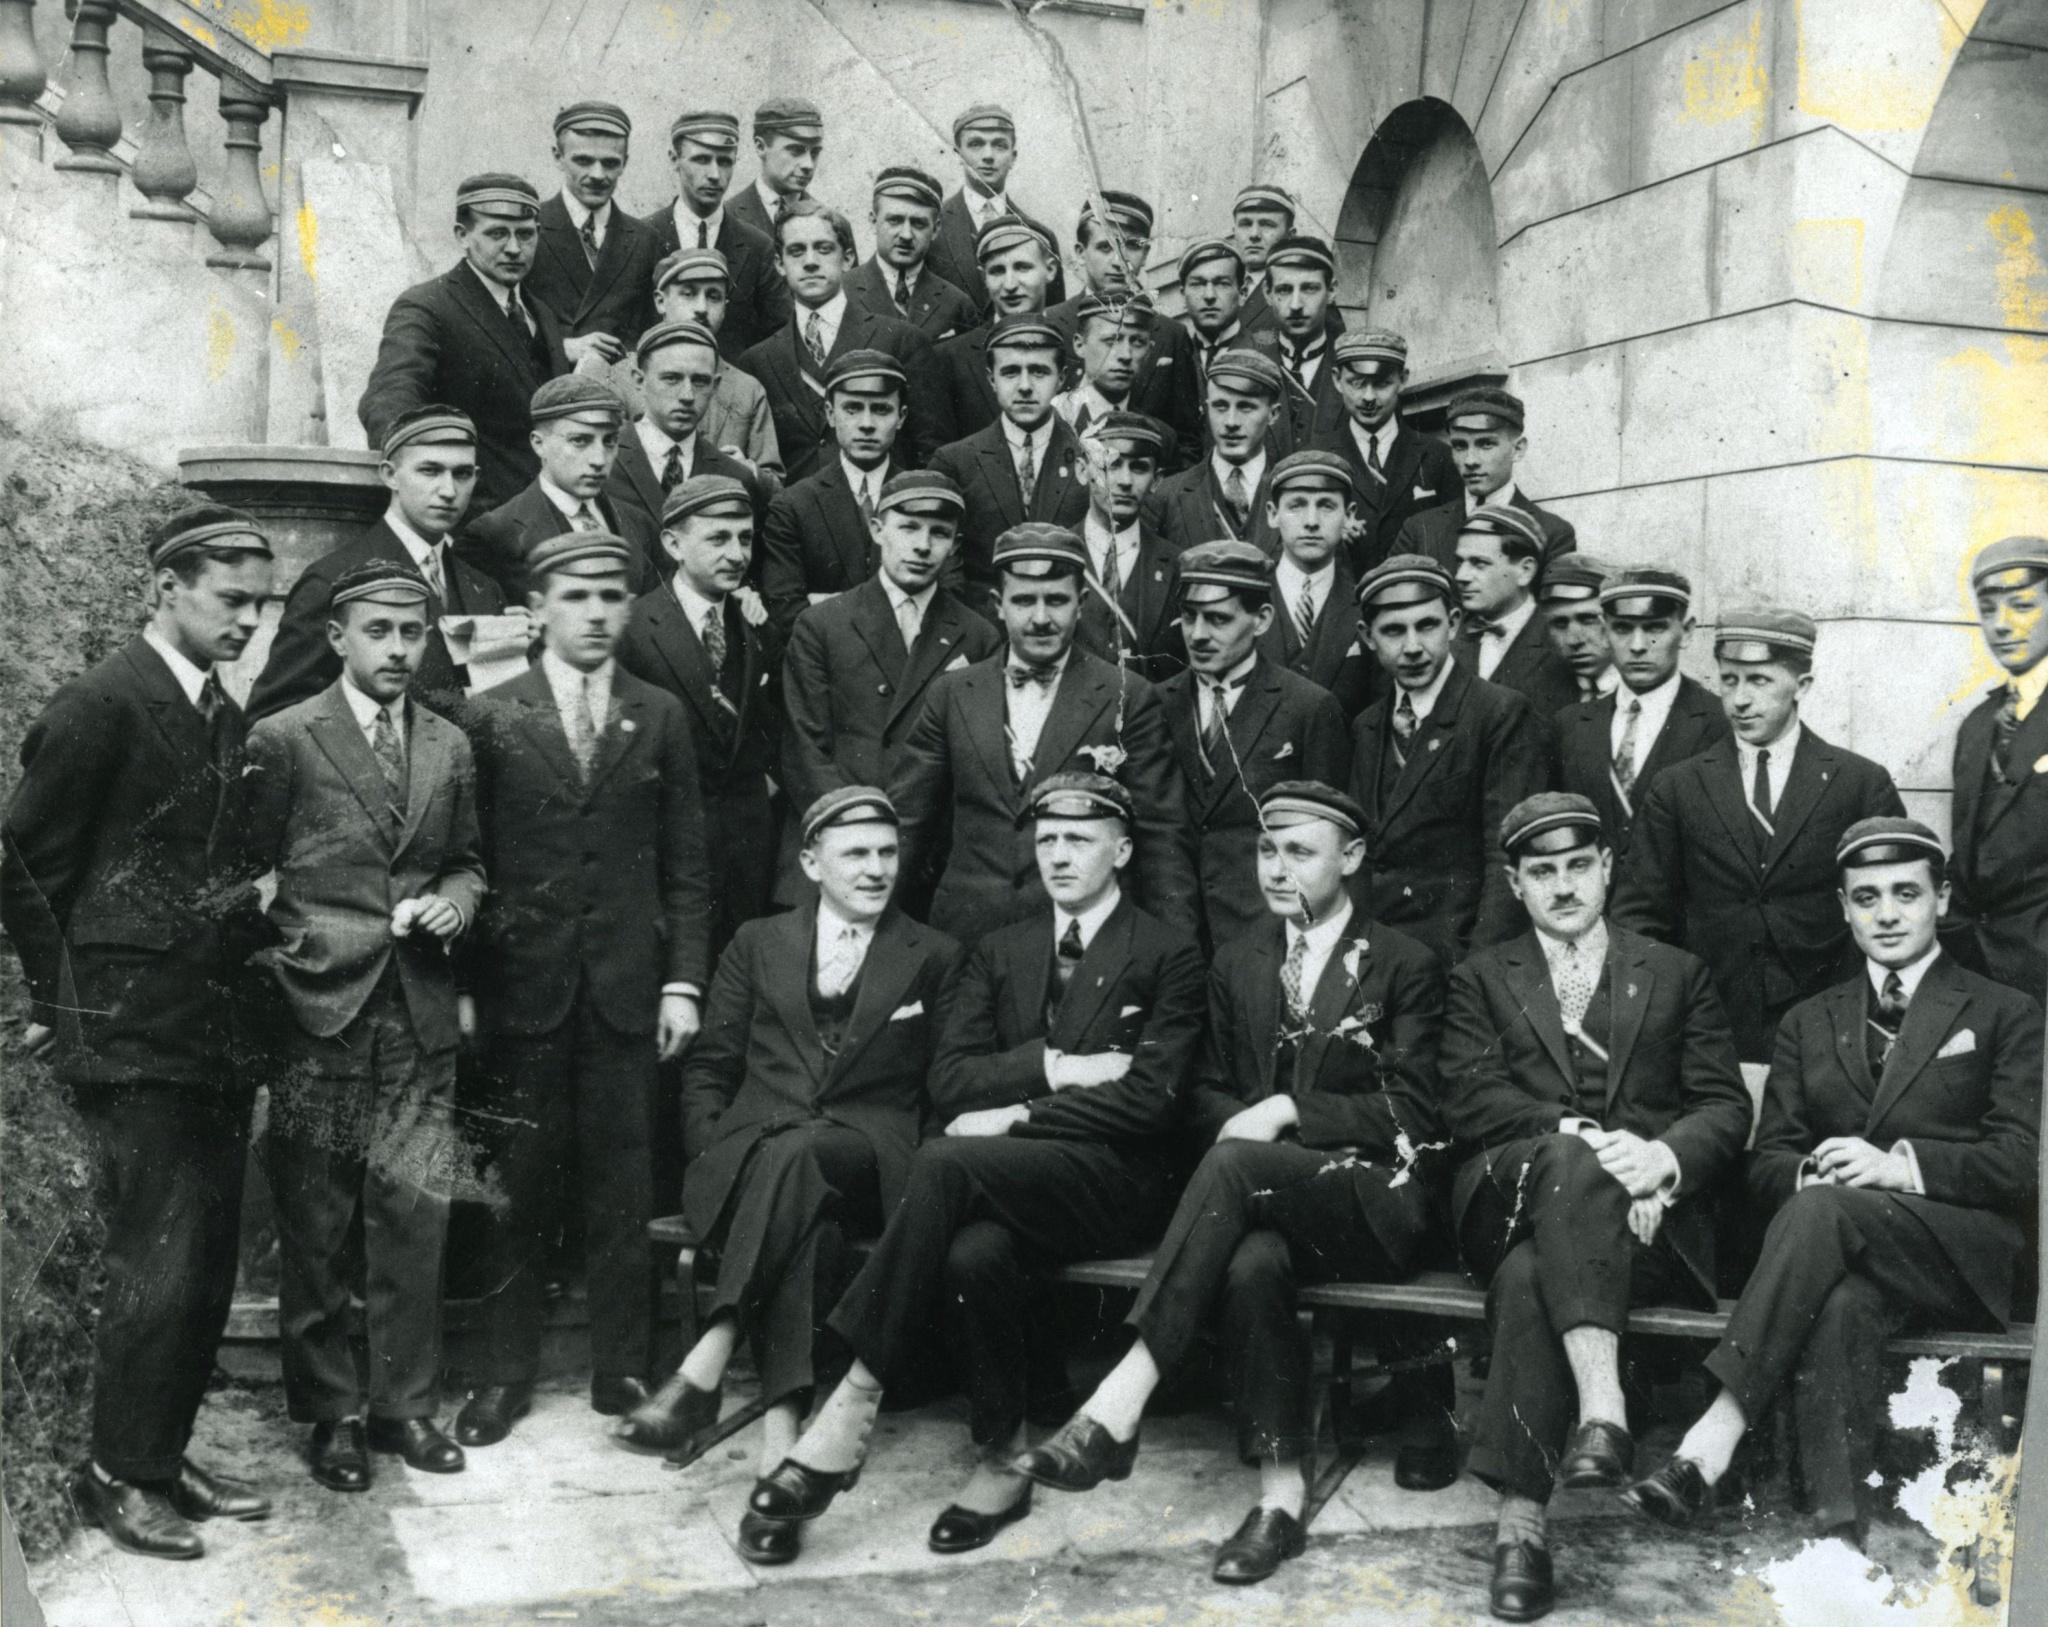 <div class='inner-box'><div class='close-desc'></div><span class='opis'>Członkowie Korporacji Patria. Jerzy Giedroyc (siedzi w I rzędzie, pierwszy od prawej). Oprócz niego na zdjęciu m.in. Jan Pożaryski i Czesław Gilewicz, zdjęcie z lat 1920-30.</span><div class='clearfix'></div><span>Archive ref. FIL00115</span><div class='clearfix'></div><span>© Instytut Literacki</span></div>